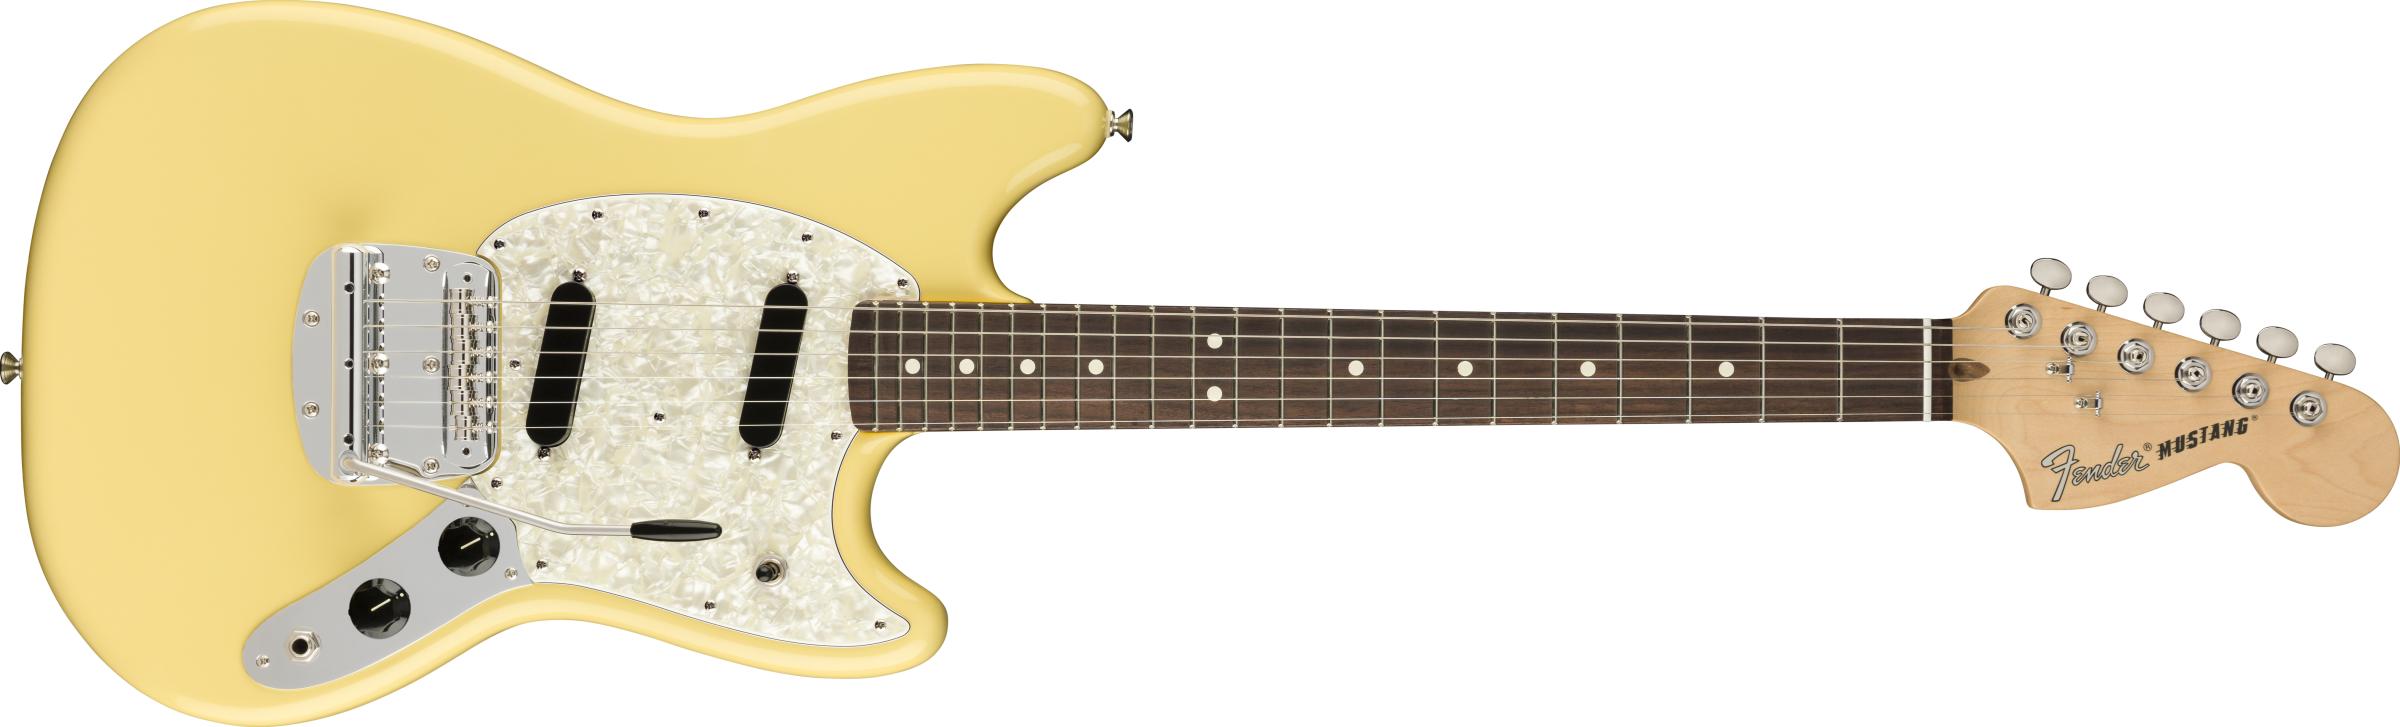 FENDER American Performer Mustang, Rosewood Fingerboard, Vintage White